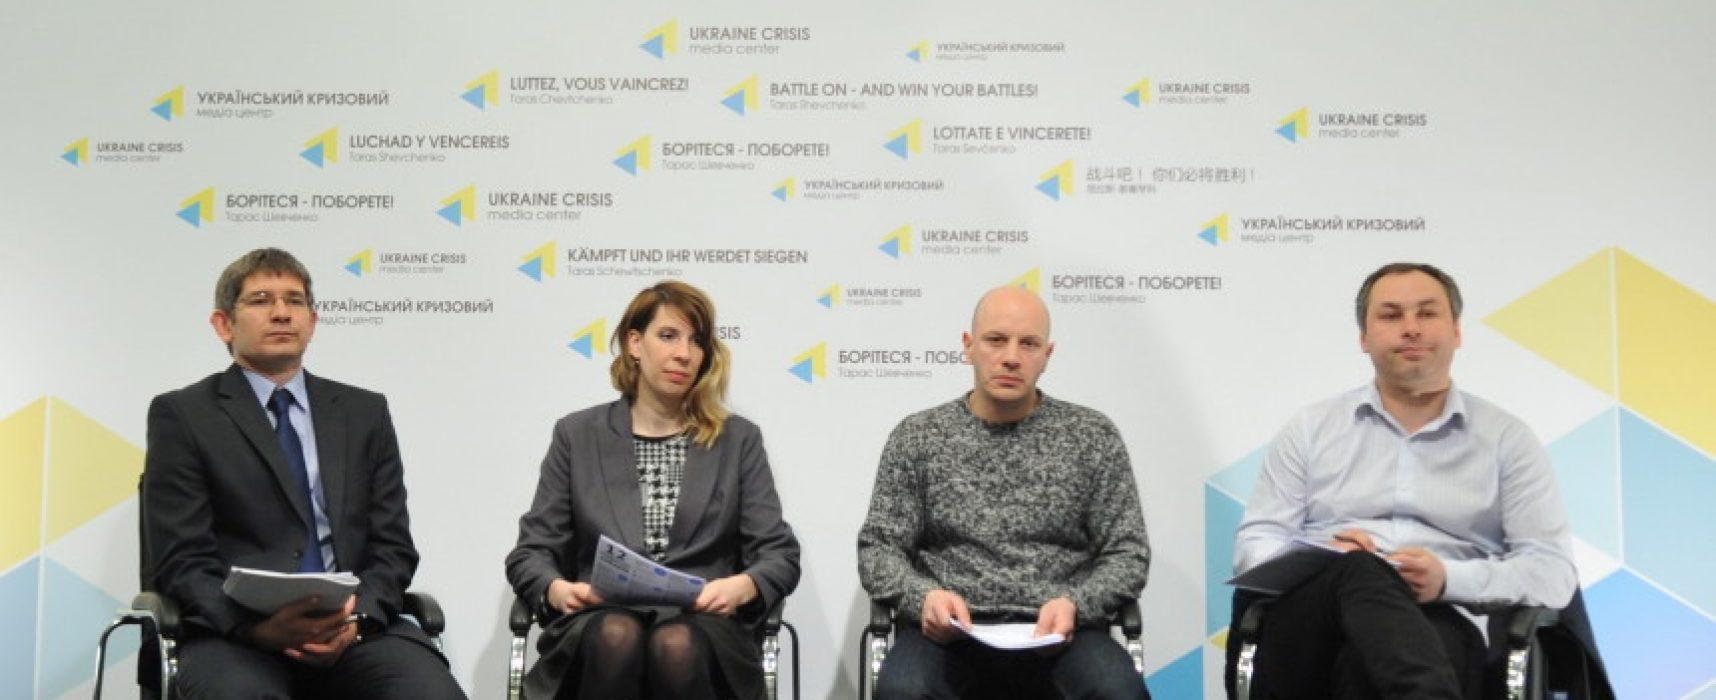 La corruzione in Ucraina